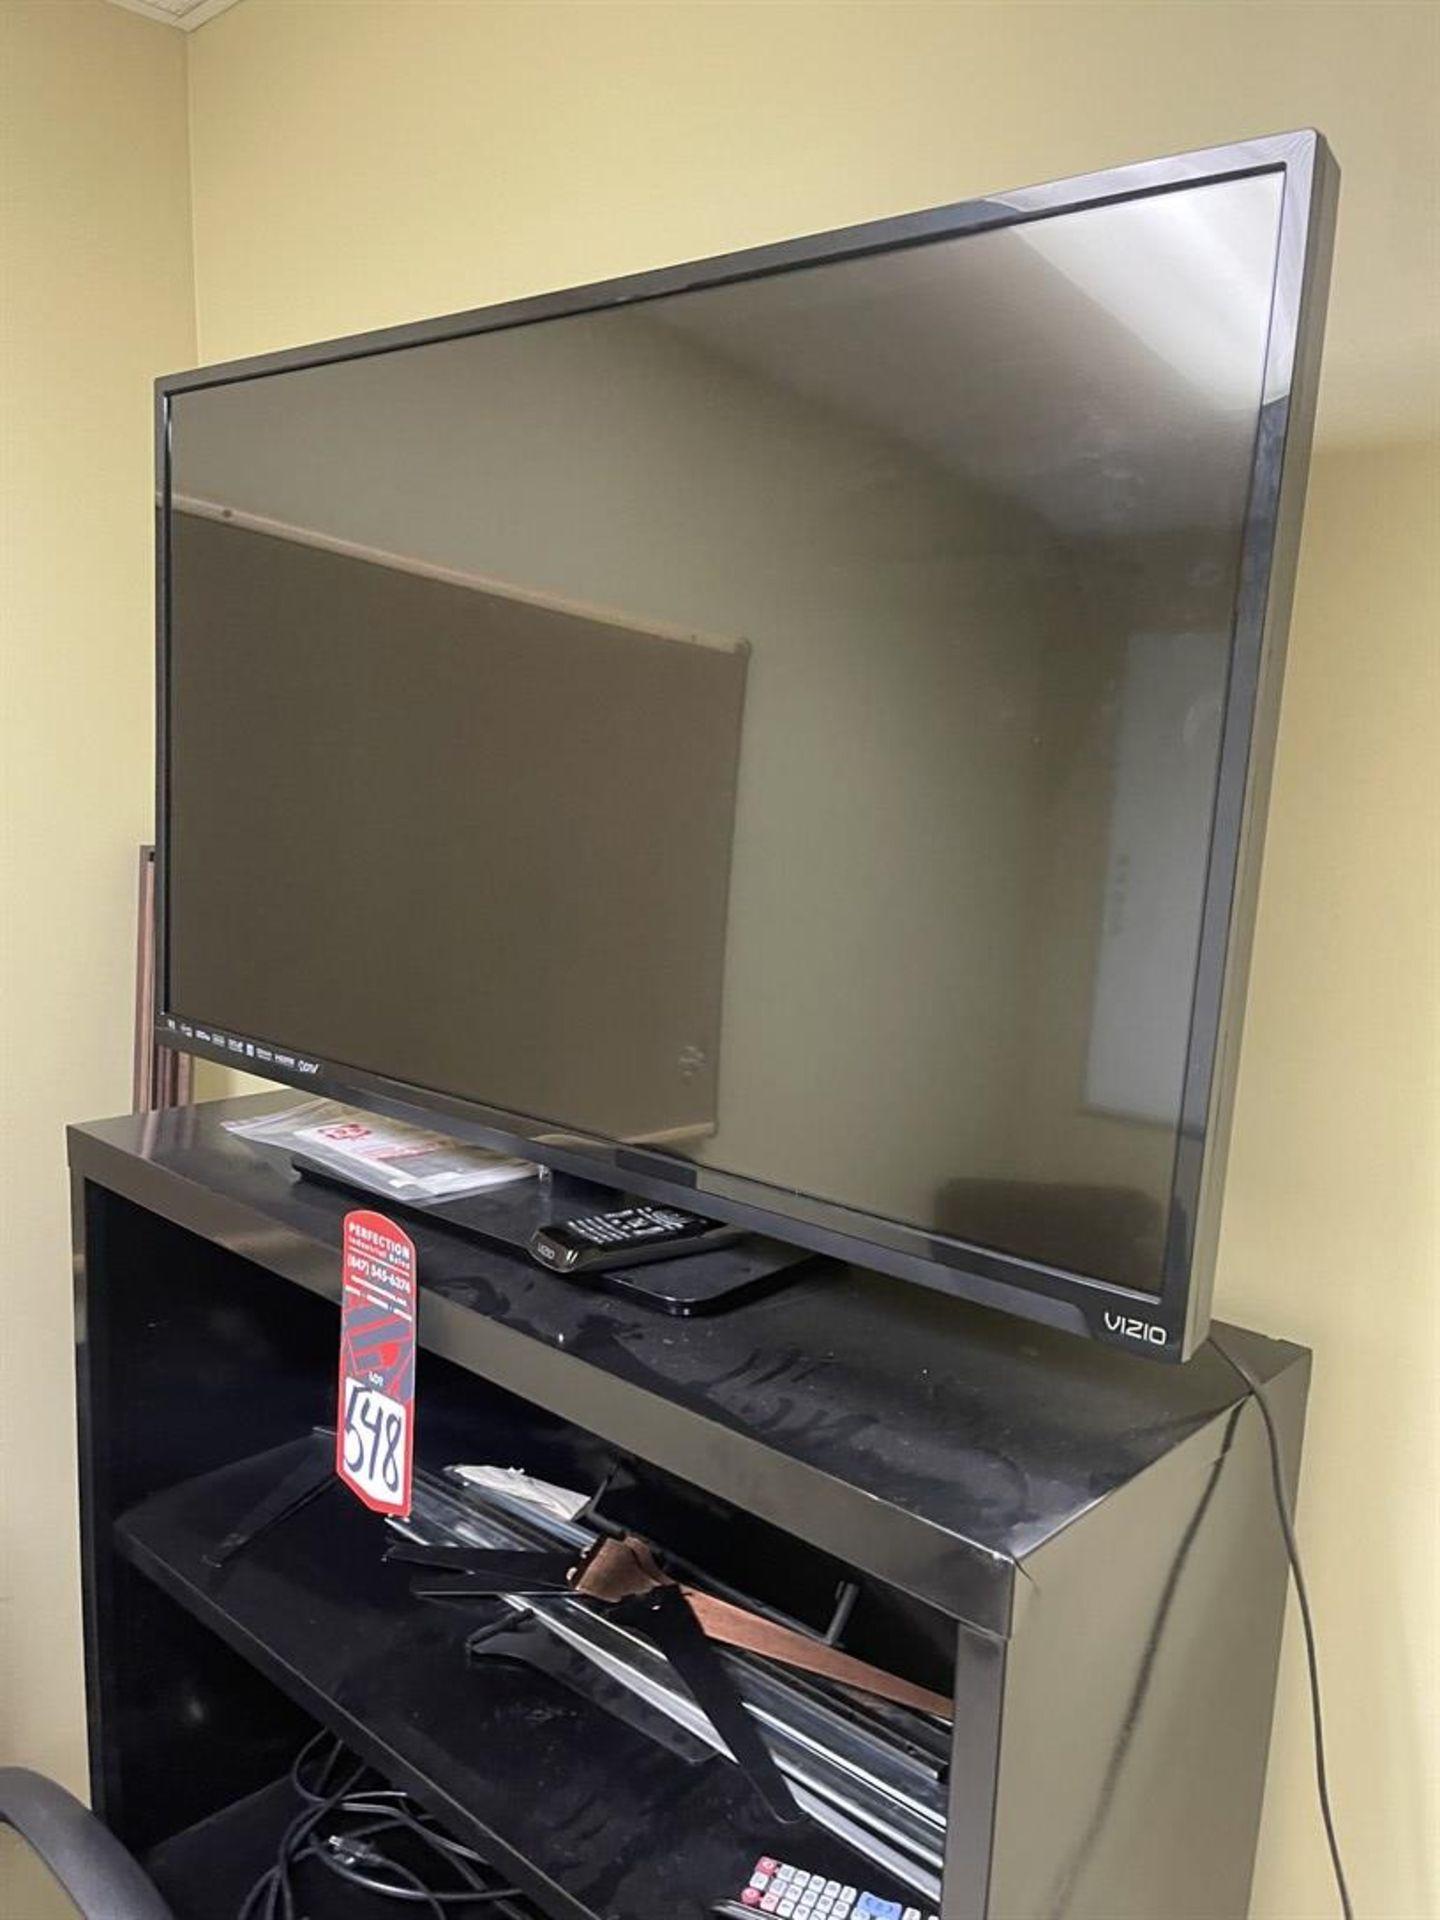 VIZIO E420i-A0 Flatscreen TV w/ Wall Mount - Image 2 of 3